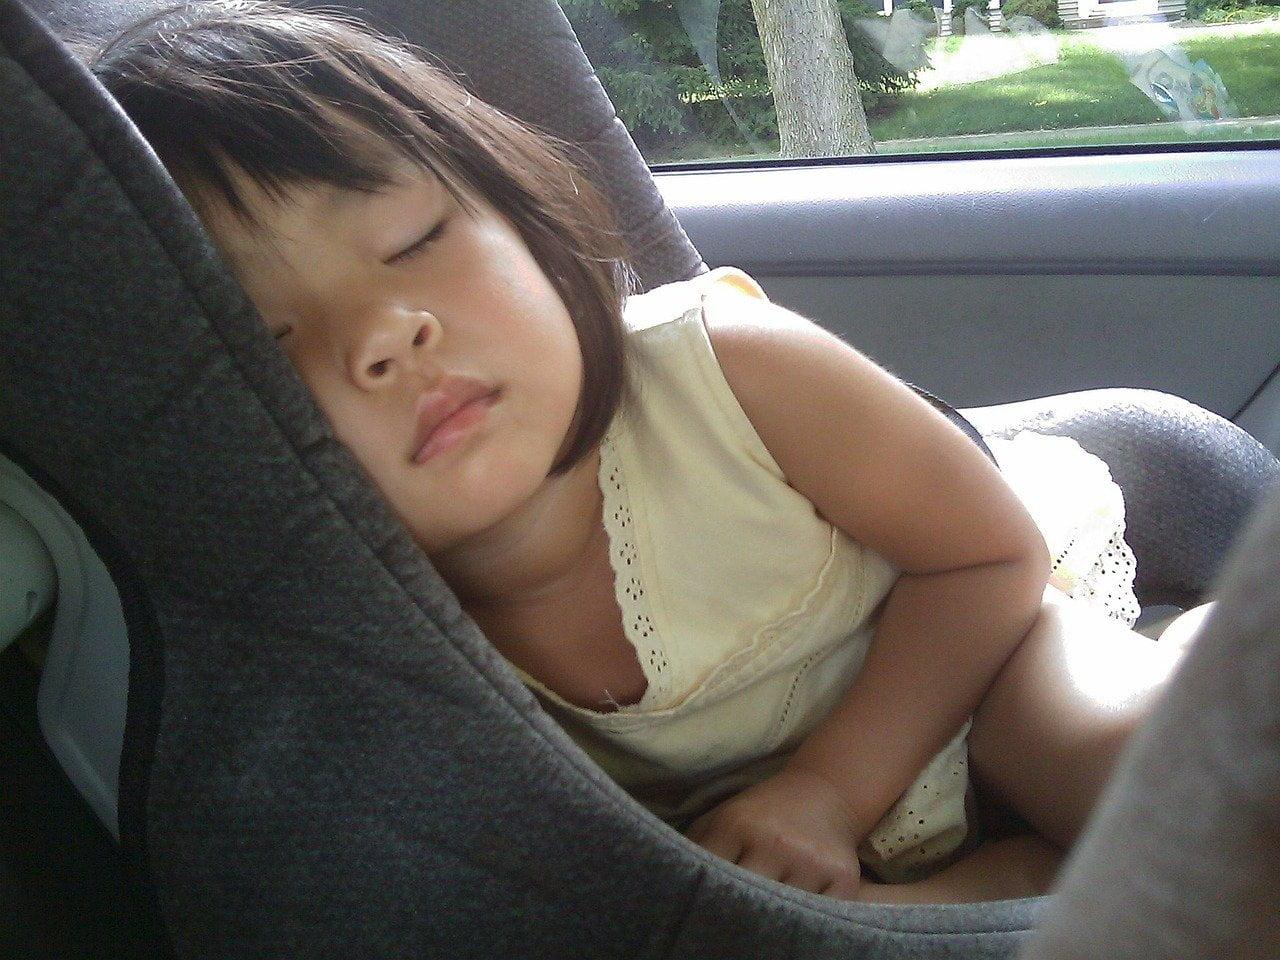 Vältä nämä yleiset turvallisuutta heikentävät virheet lapsen kanssa autoillessa